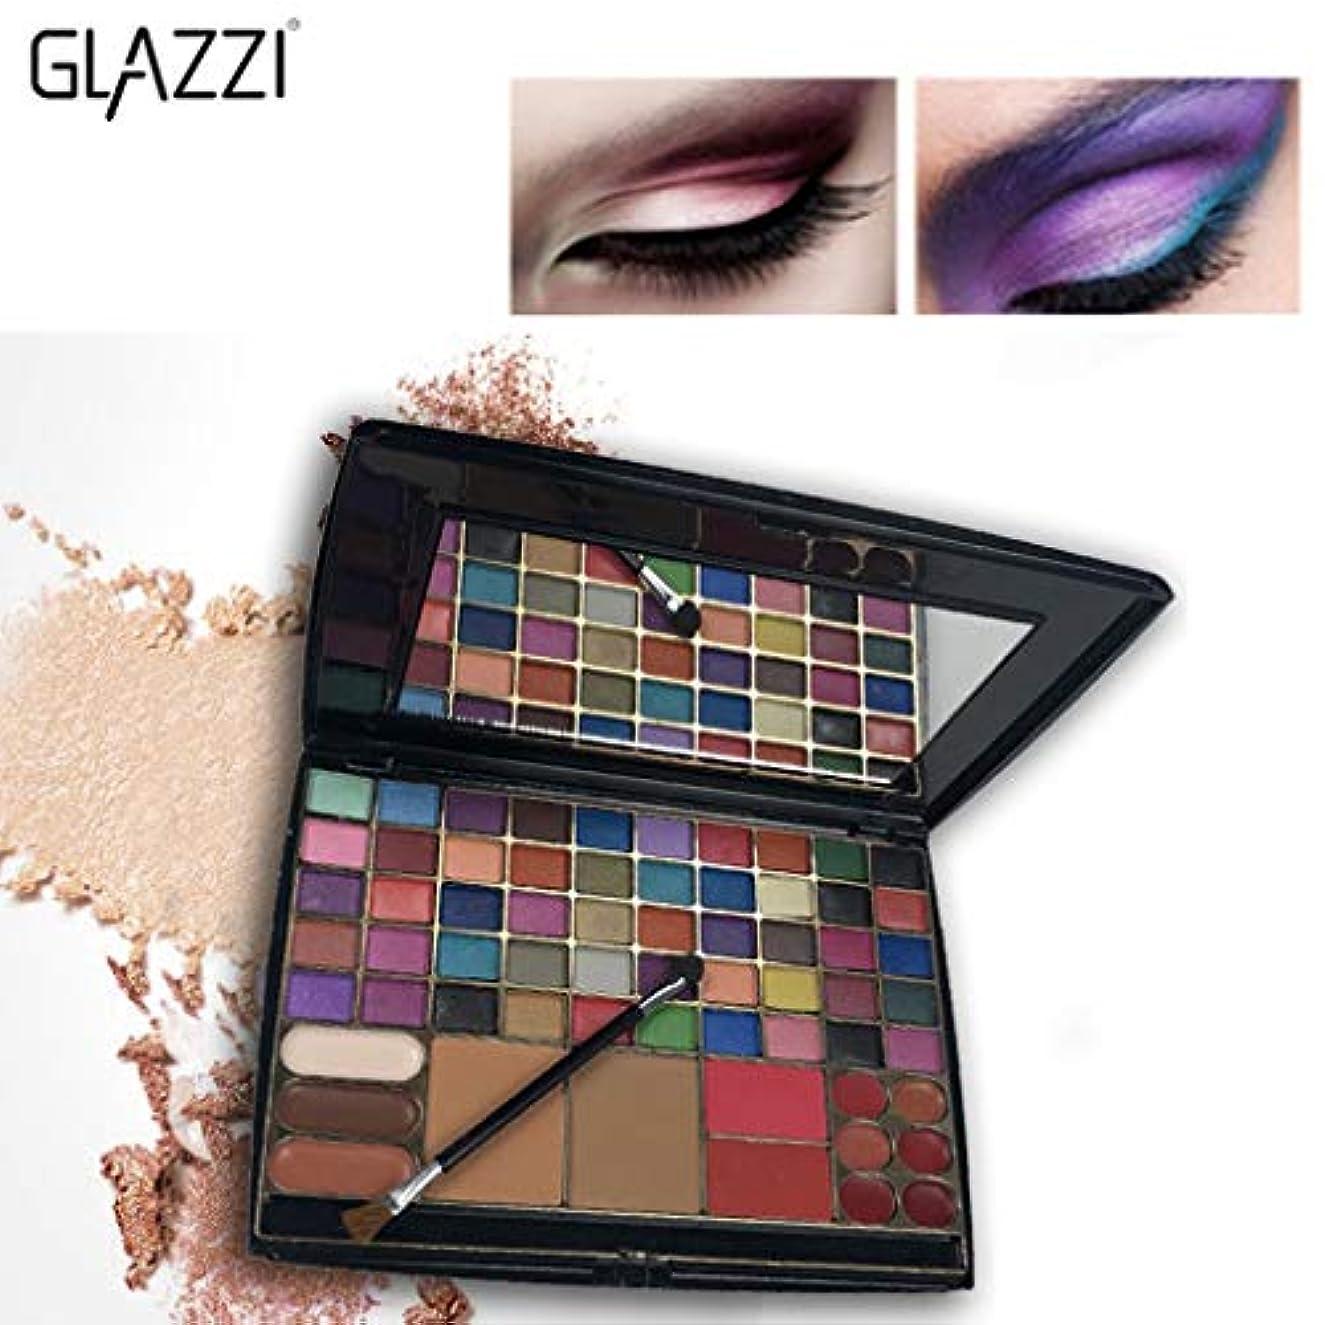 エンゲージメントサラダ経過Akane アイシャドウパレット GLAZZI 人気 超魅力的 気質的 綺麗 おしゃれ 防水 クリーム ブラシ付き 長持ち チャーム 持ち便利 Eye Shadow (63色) GZ8040062